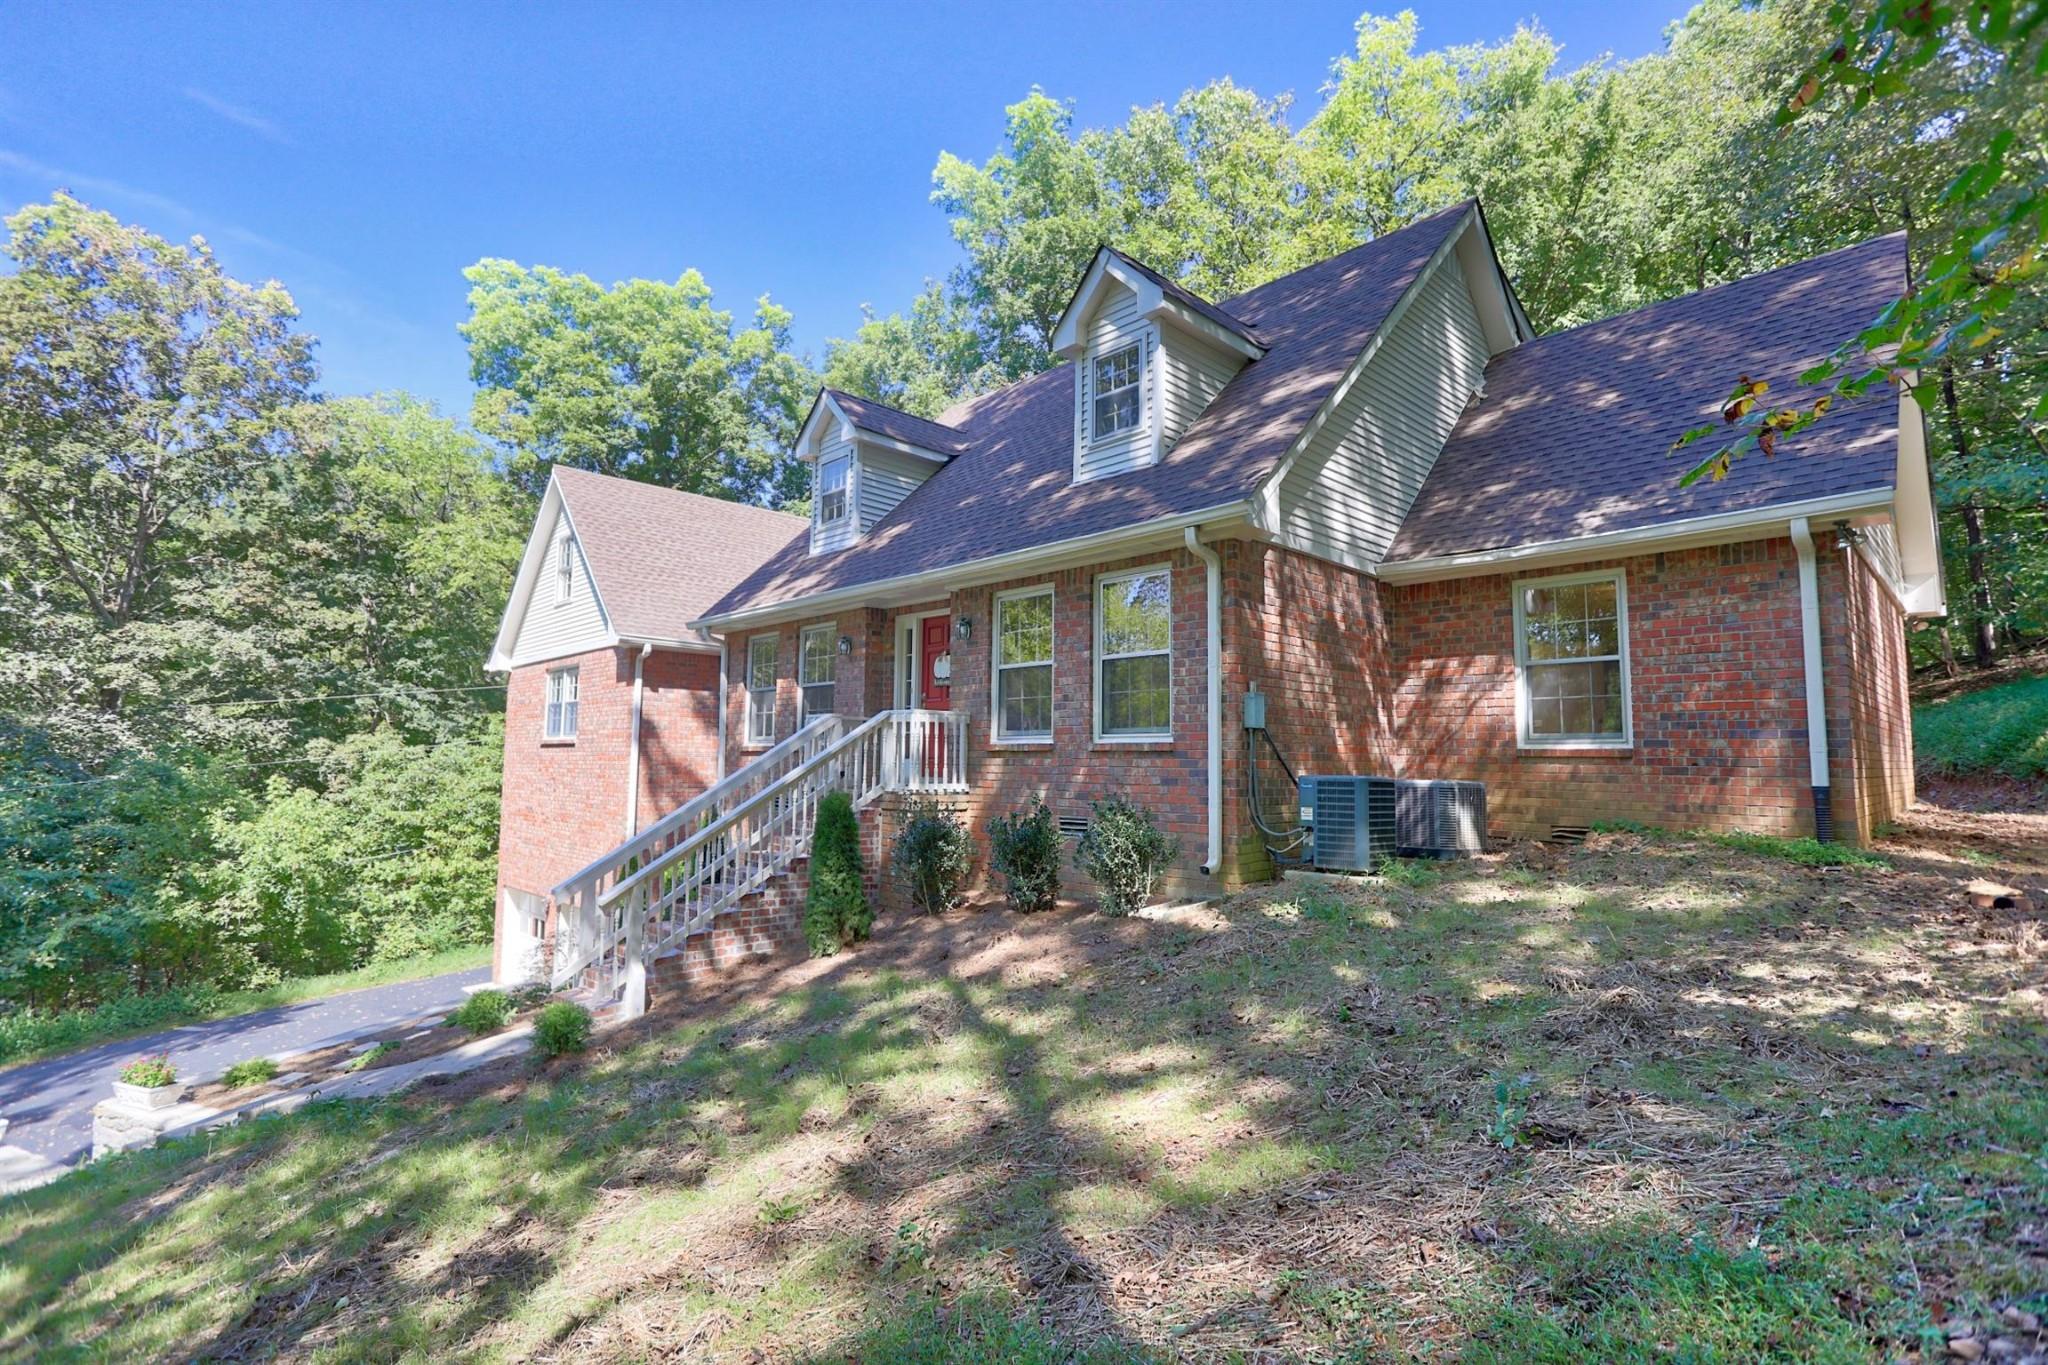 108 Antler Ln, Hendersonville, TN 37075 - Hendersonville, TN real estate listing